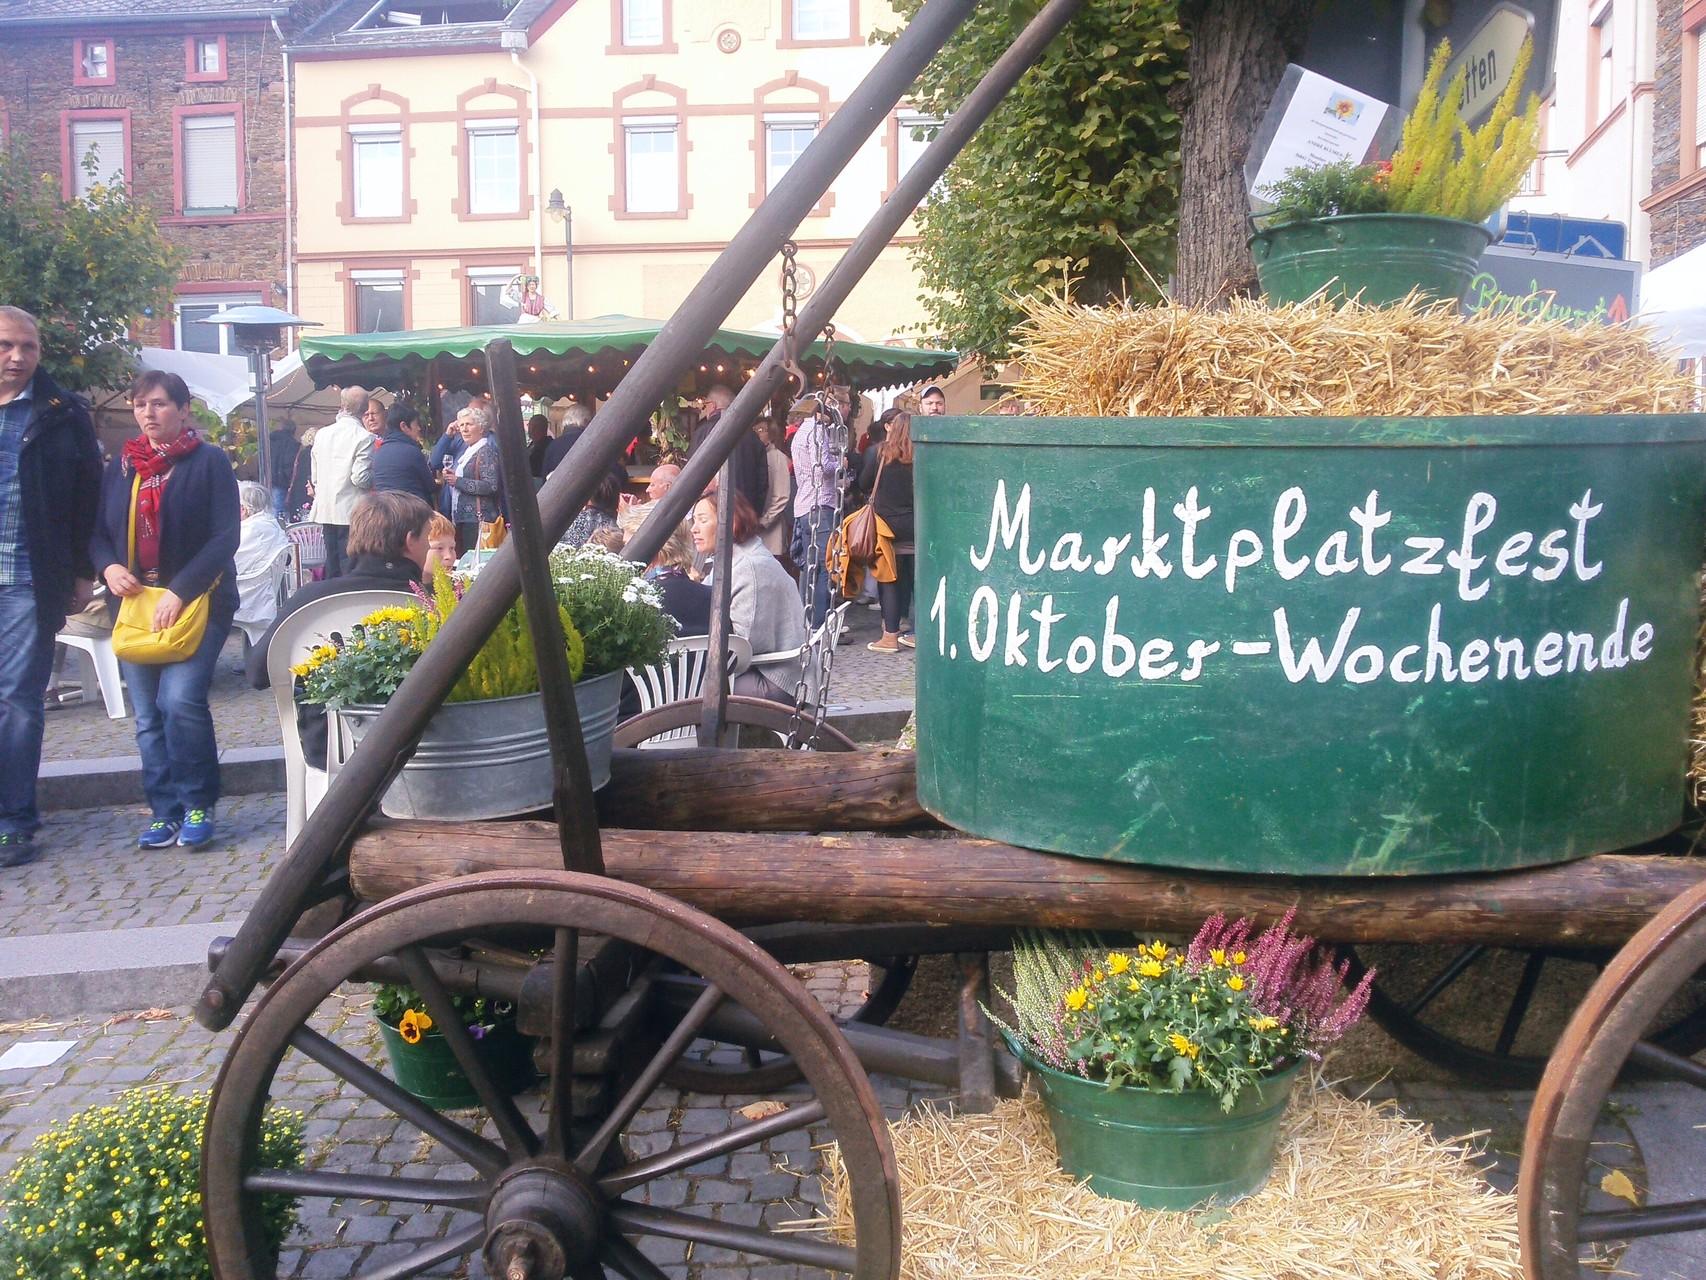 Marktplatzfest in Traben-Trarbach 2015